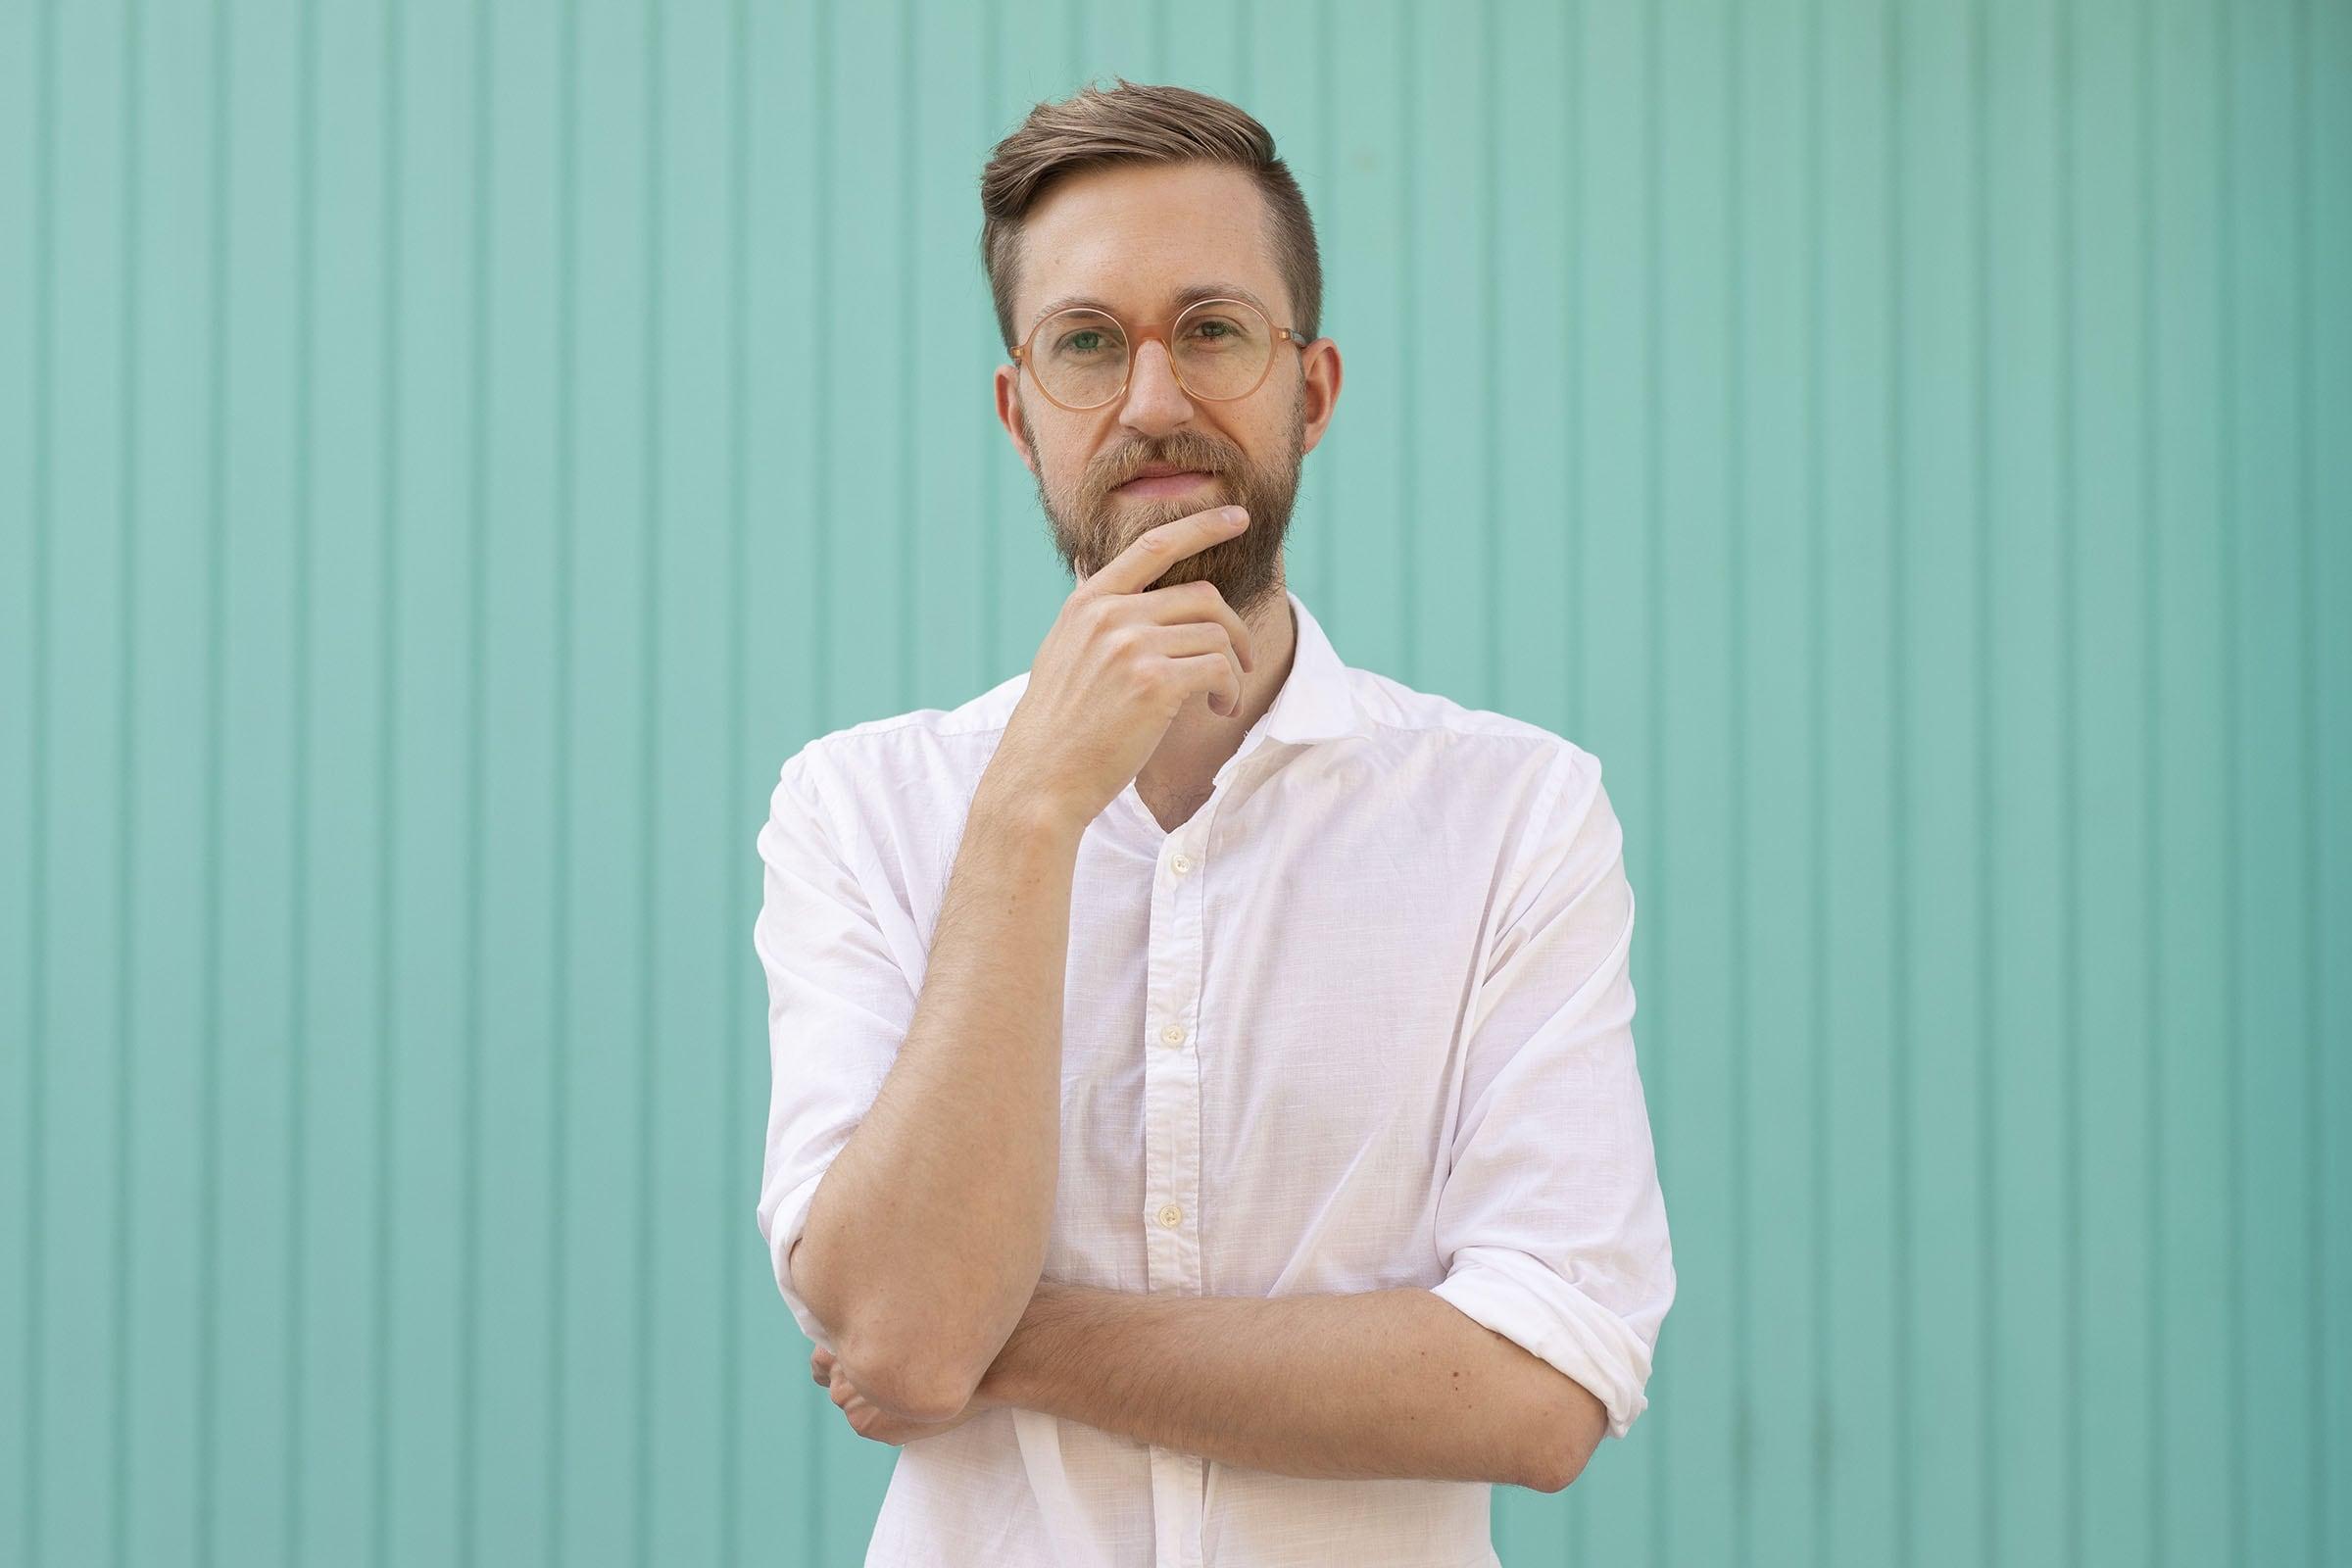 A portrait of Florian Schulz